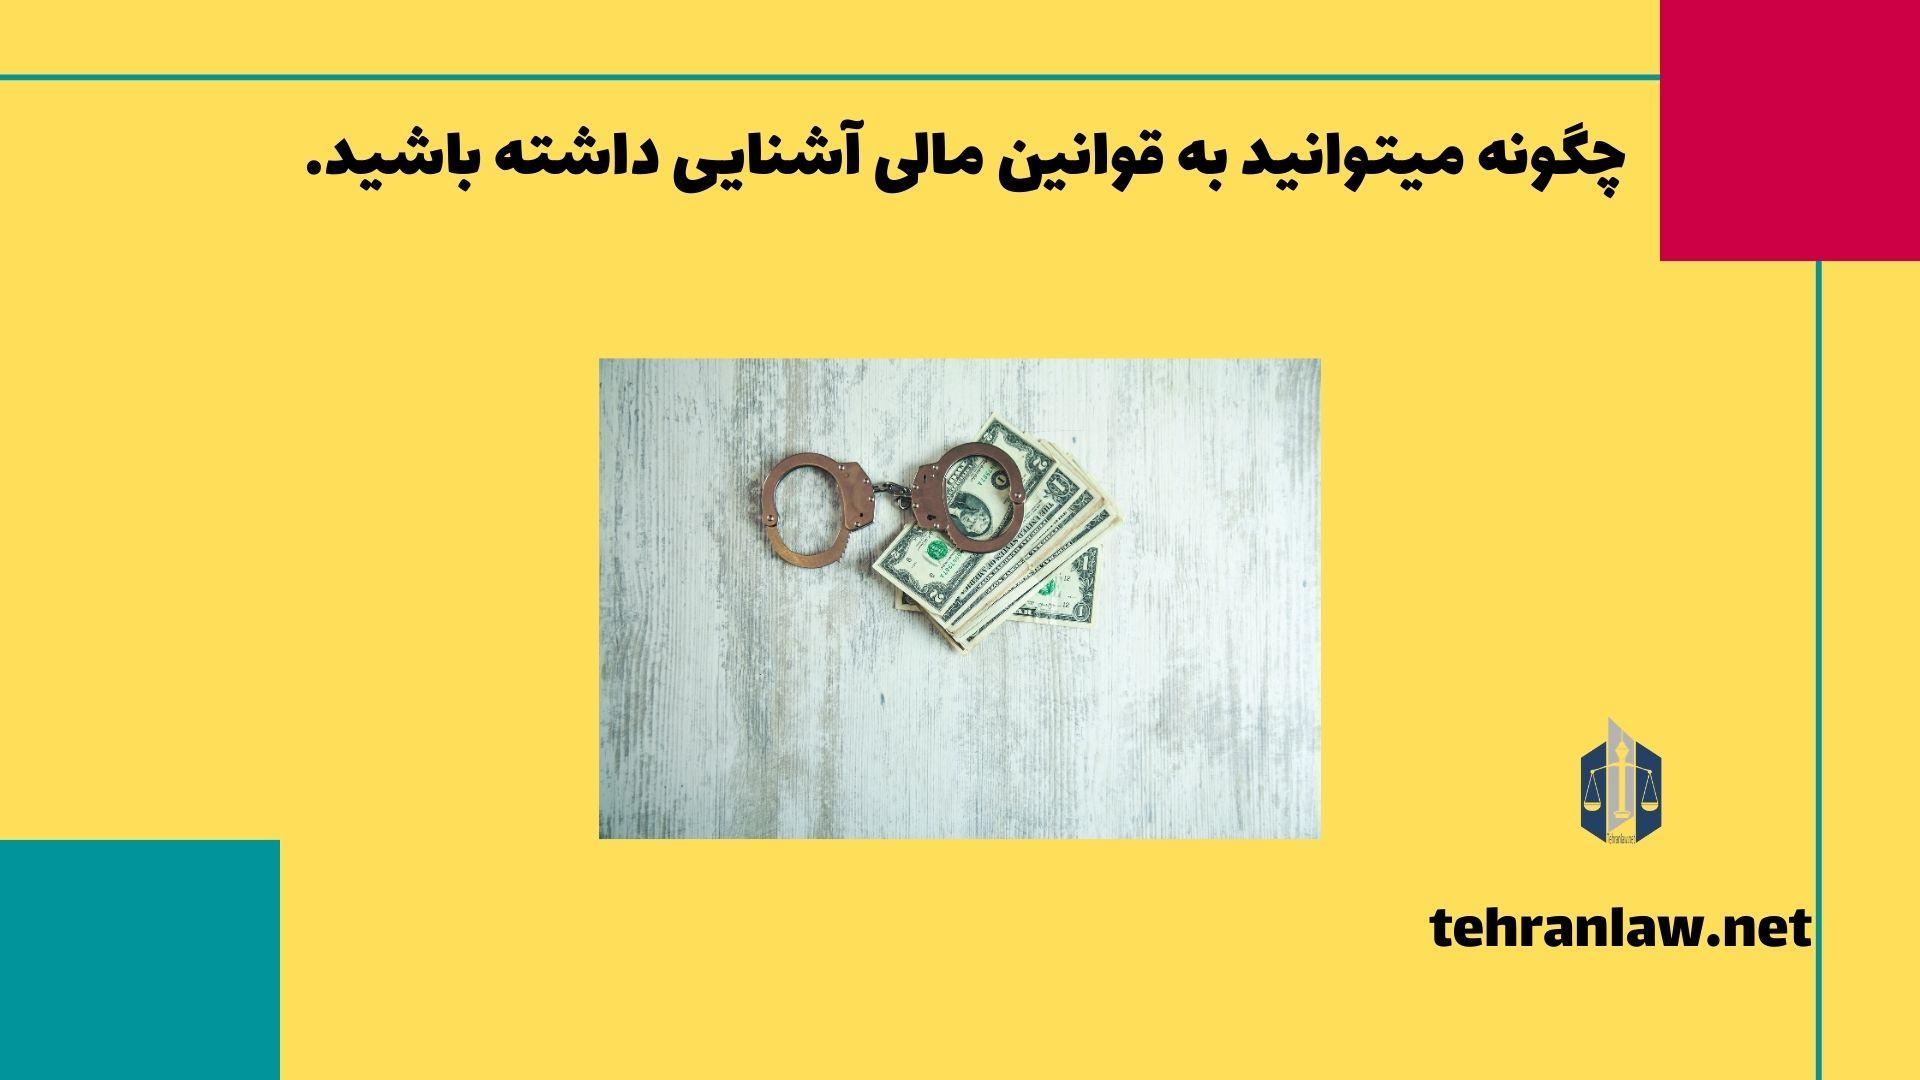 چگونه می توانید با قوانین مالی آشنایی داشته باشید؟